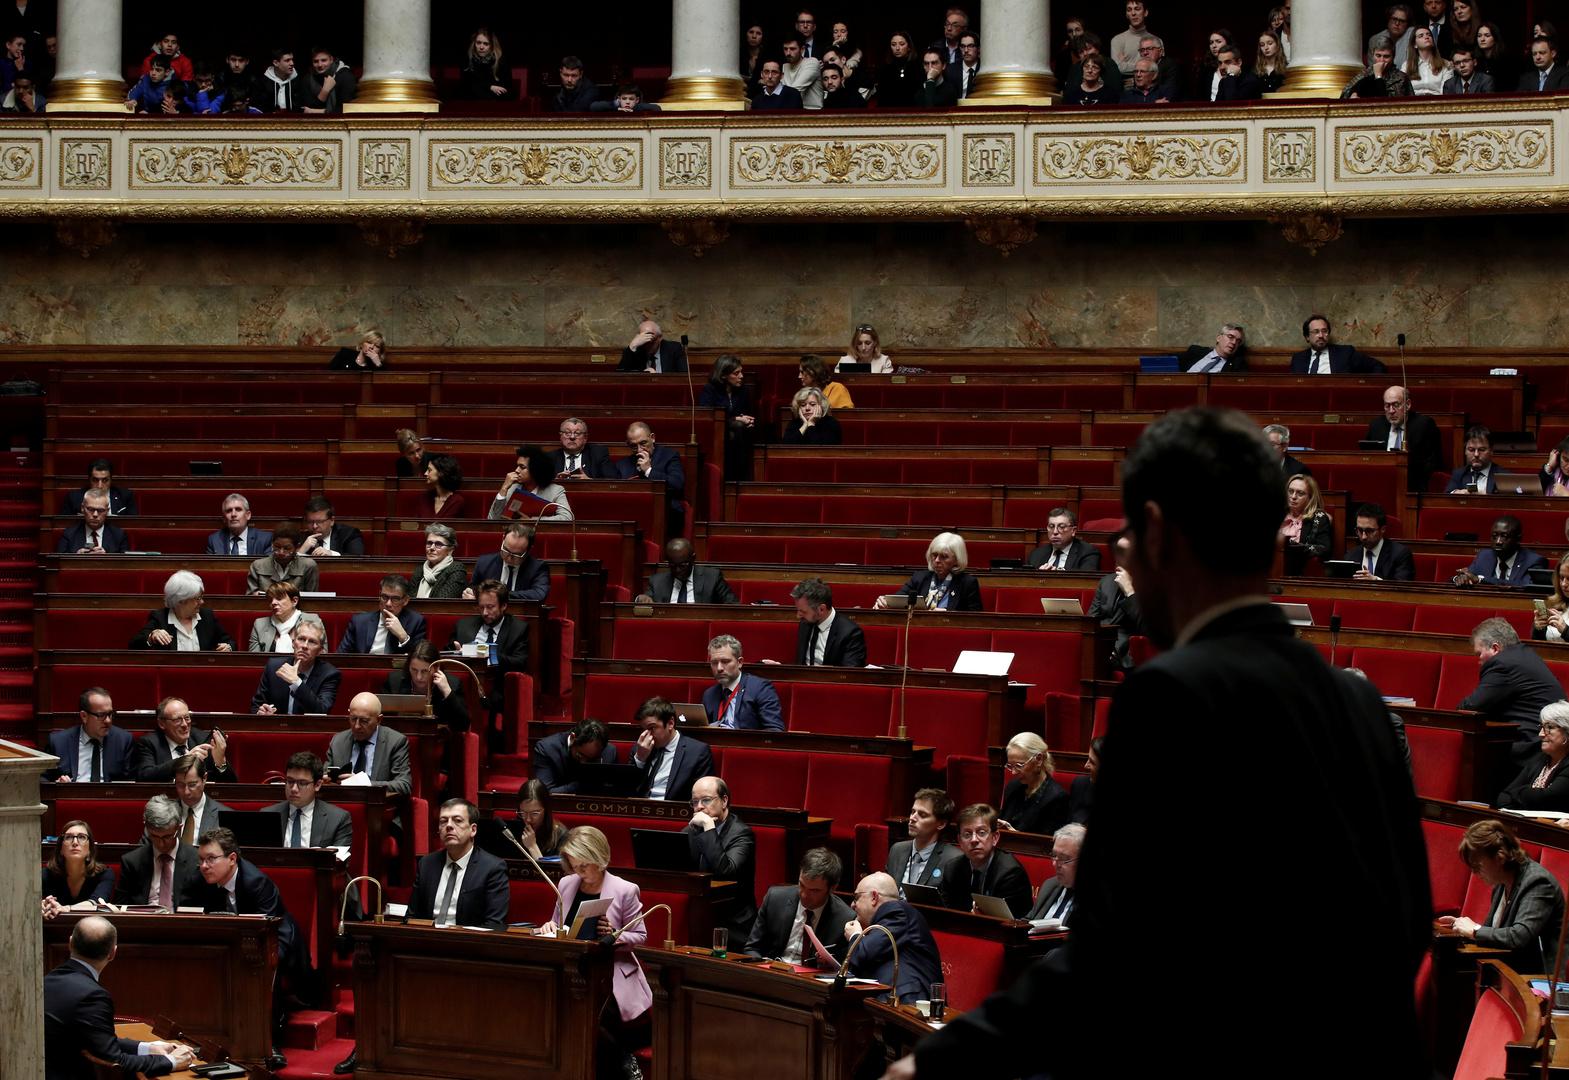 إصابة نائب وموظف في البرلمان الفرنسي بفيروس كورونا